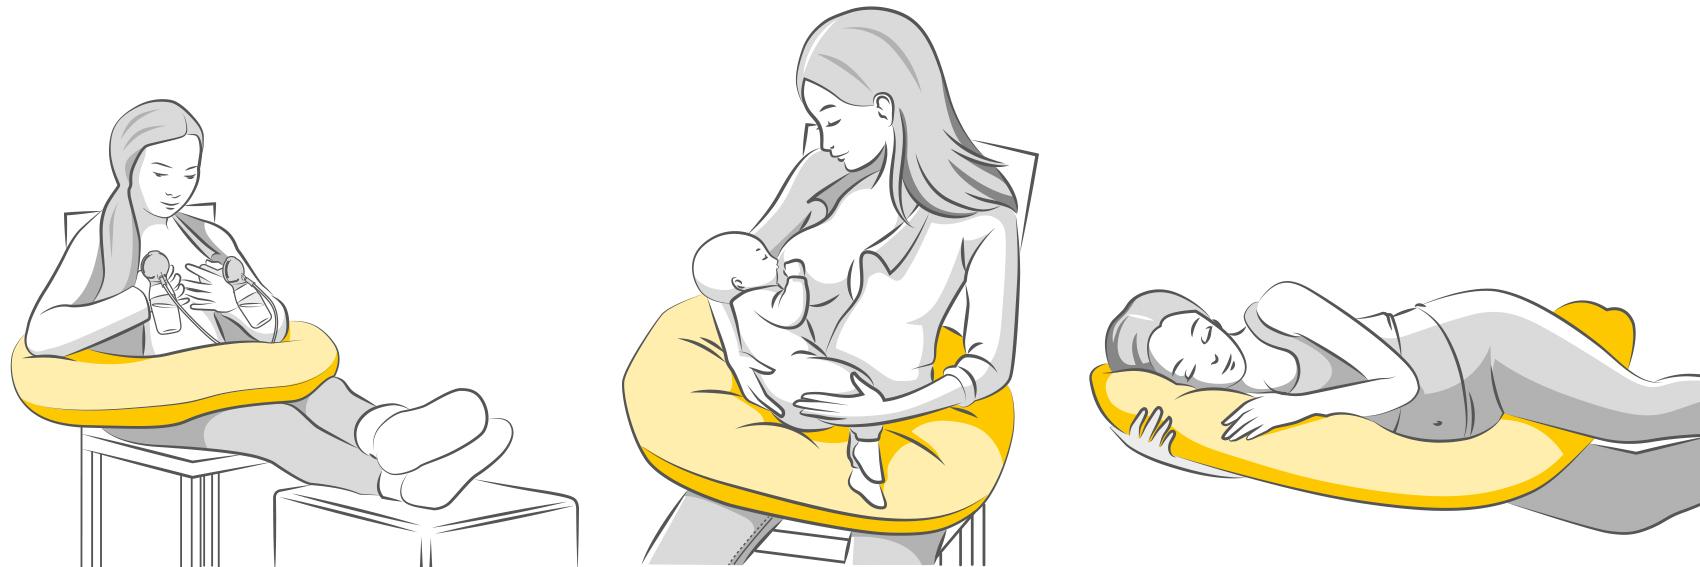 ukázka jak využít kojicí polštář na spánek, kojení i odsávání mléka